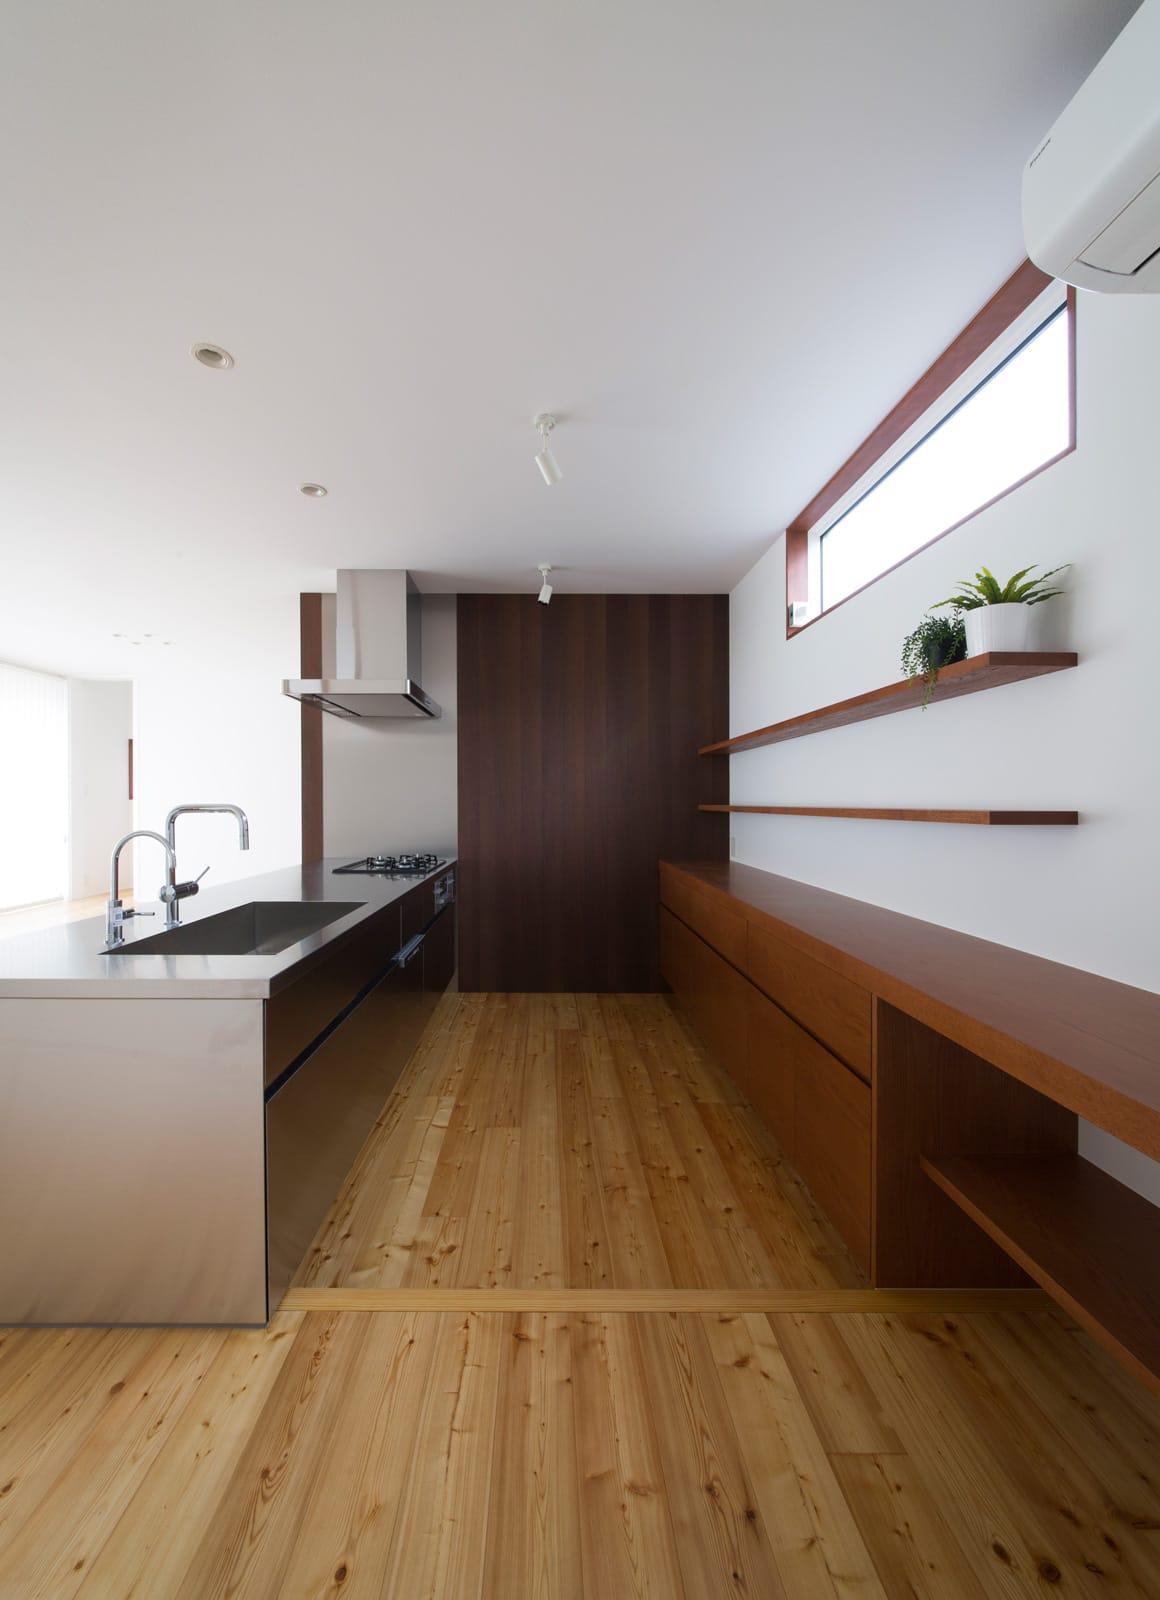 川西 GREEN HOUSEのキッチン3